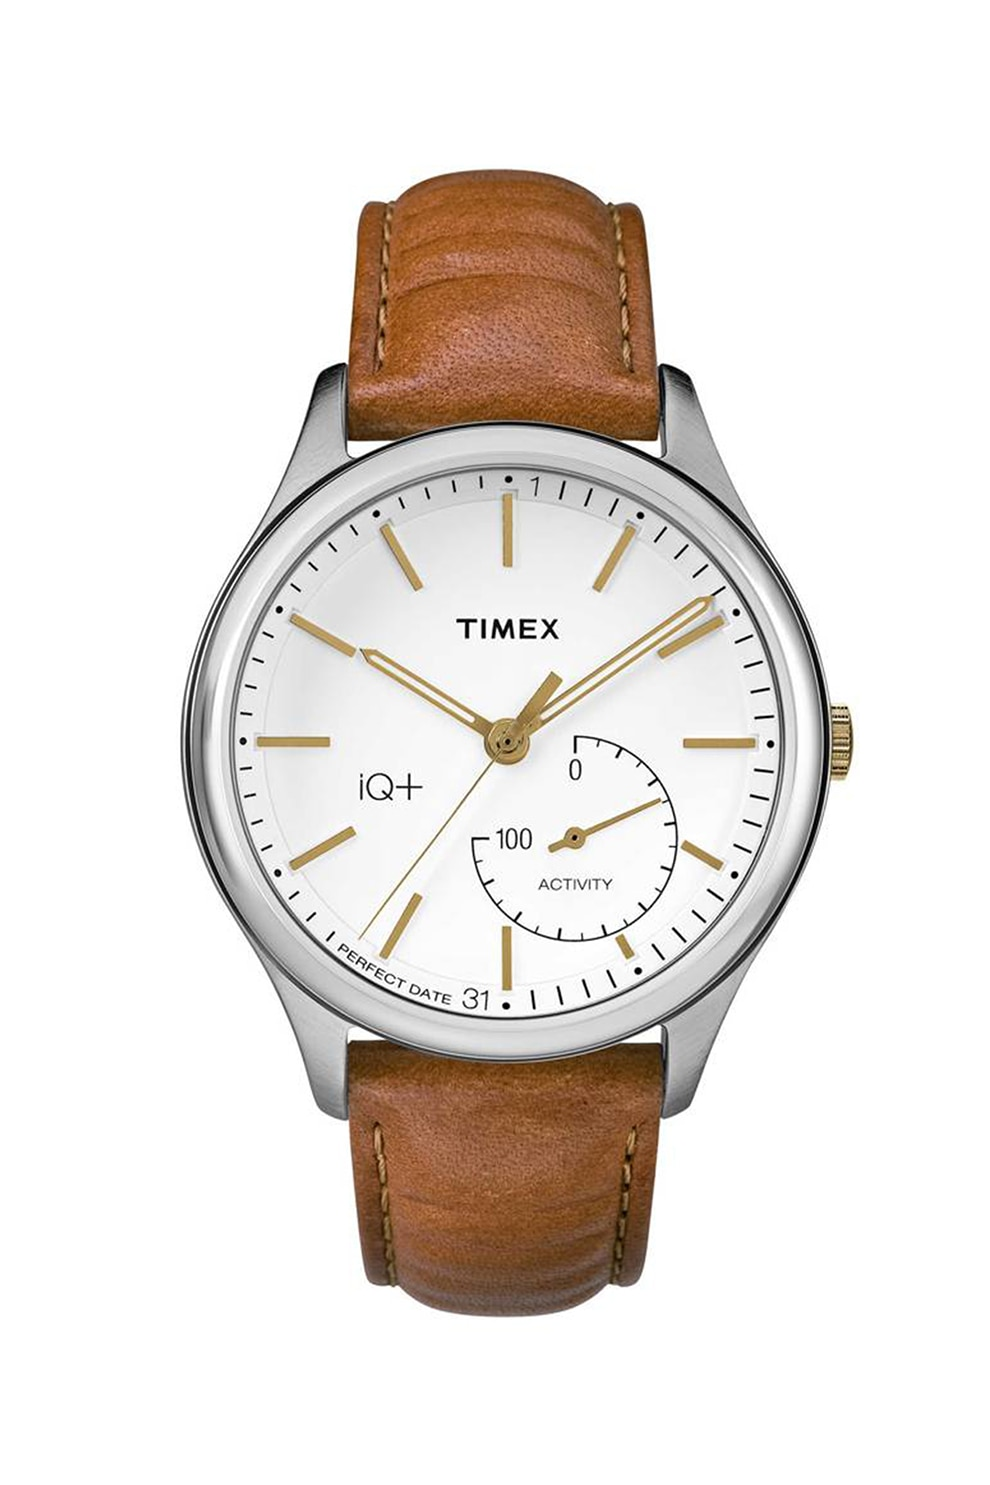 Fotografie Timex, Ceas unisex cu o curea de piele, Maro/Alb/Argintiu